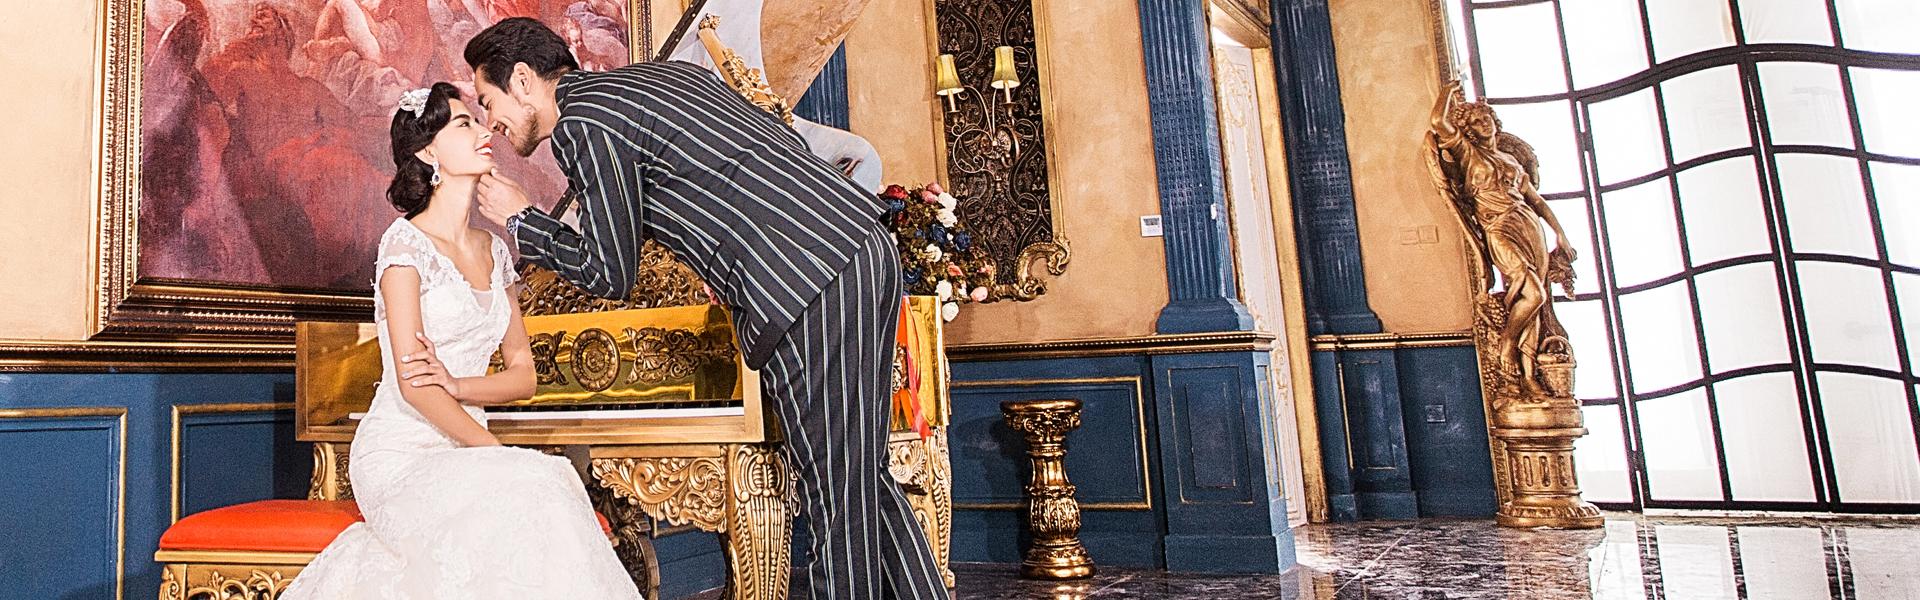 四会薇薇新娘婚纱摄影有限公司是薇薇新娘婚纱国际连锁专业摄影机构的旗舰店。